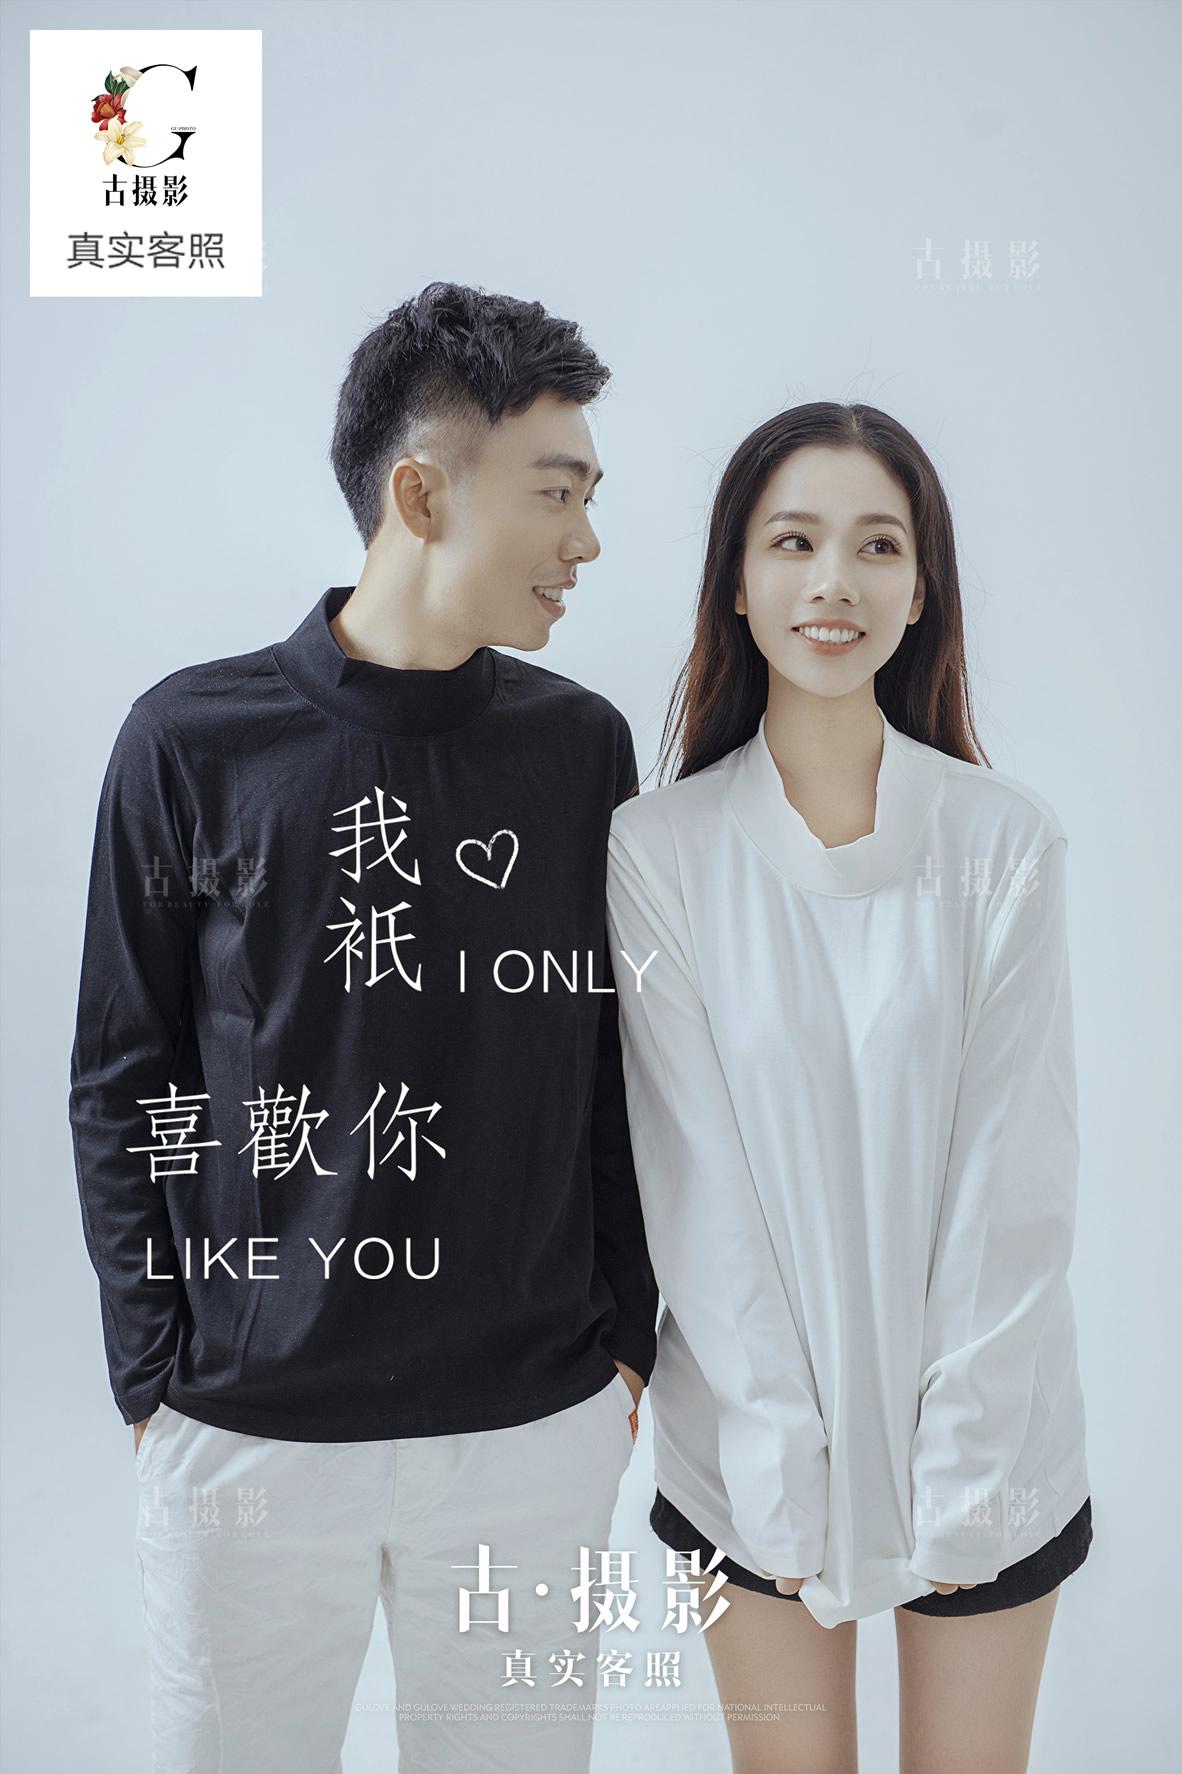 9月26日客片谭小姐夫妇 - 每日客照 - 广州婚纱摄影-广州古摄影官网